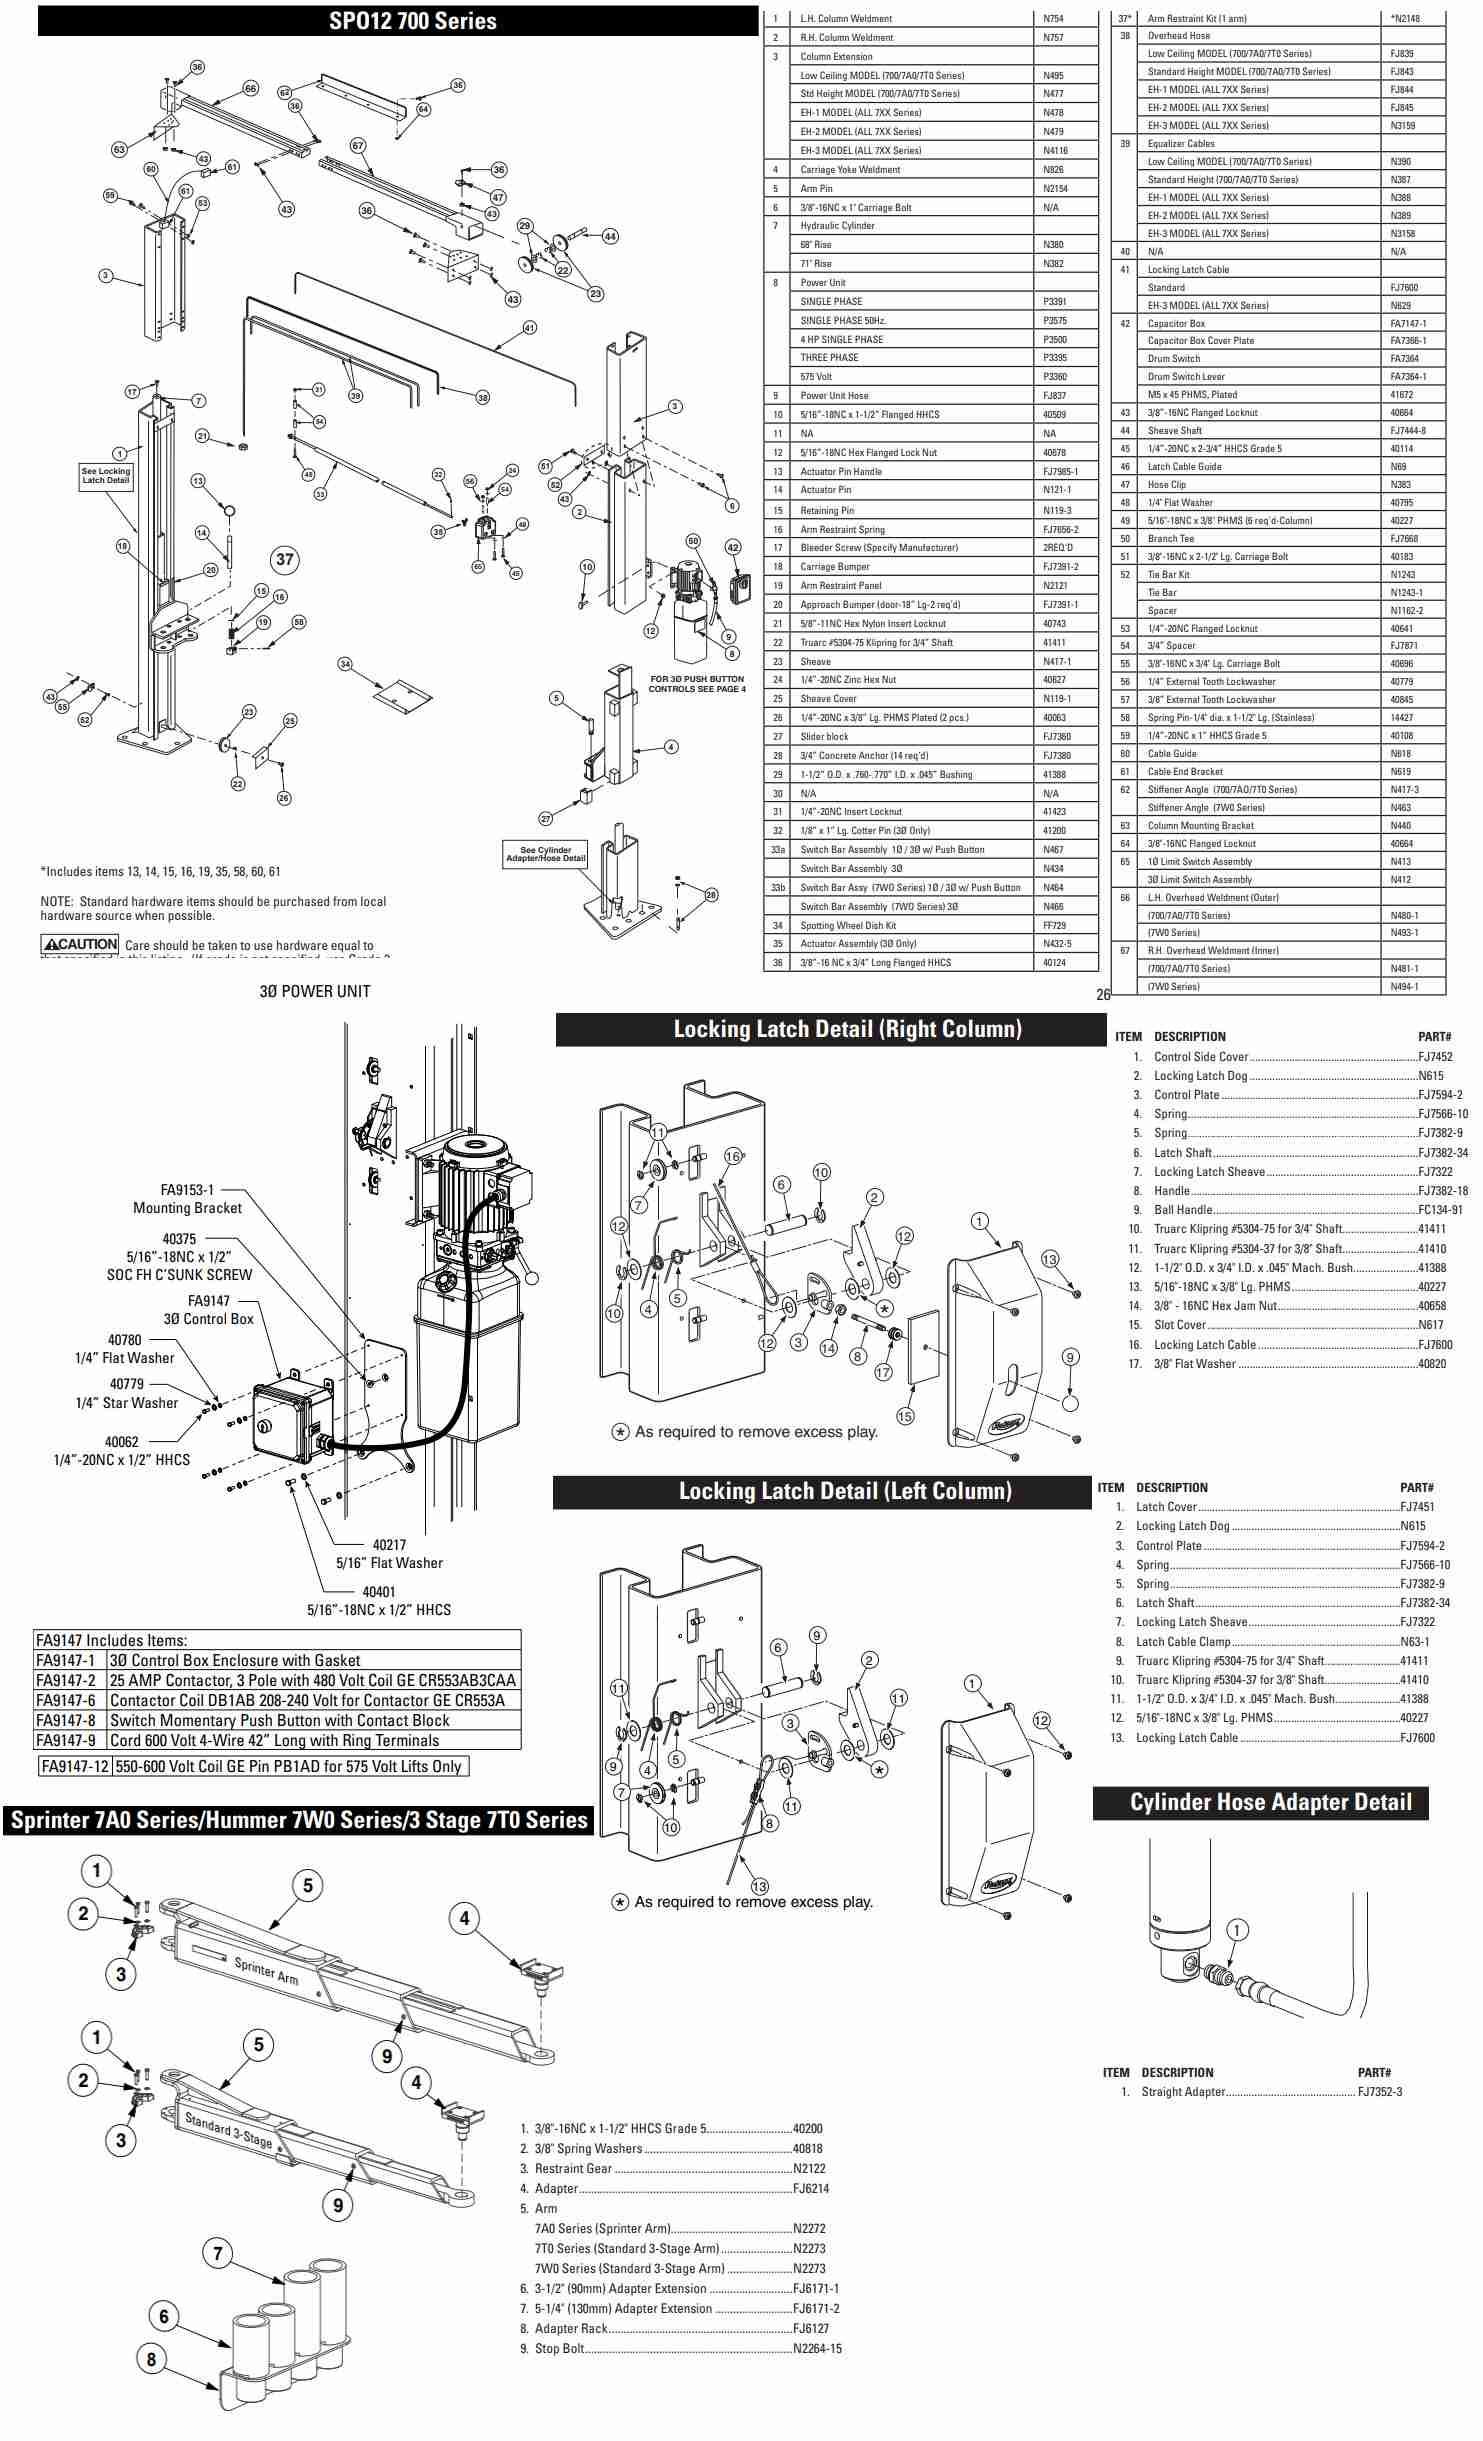 Rotary SPO12 Parts Manual